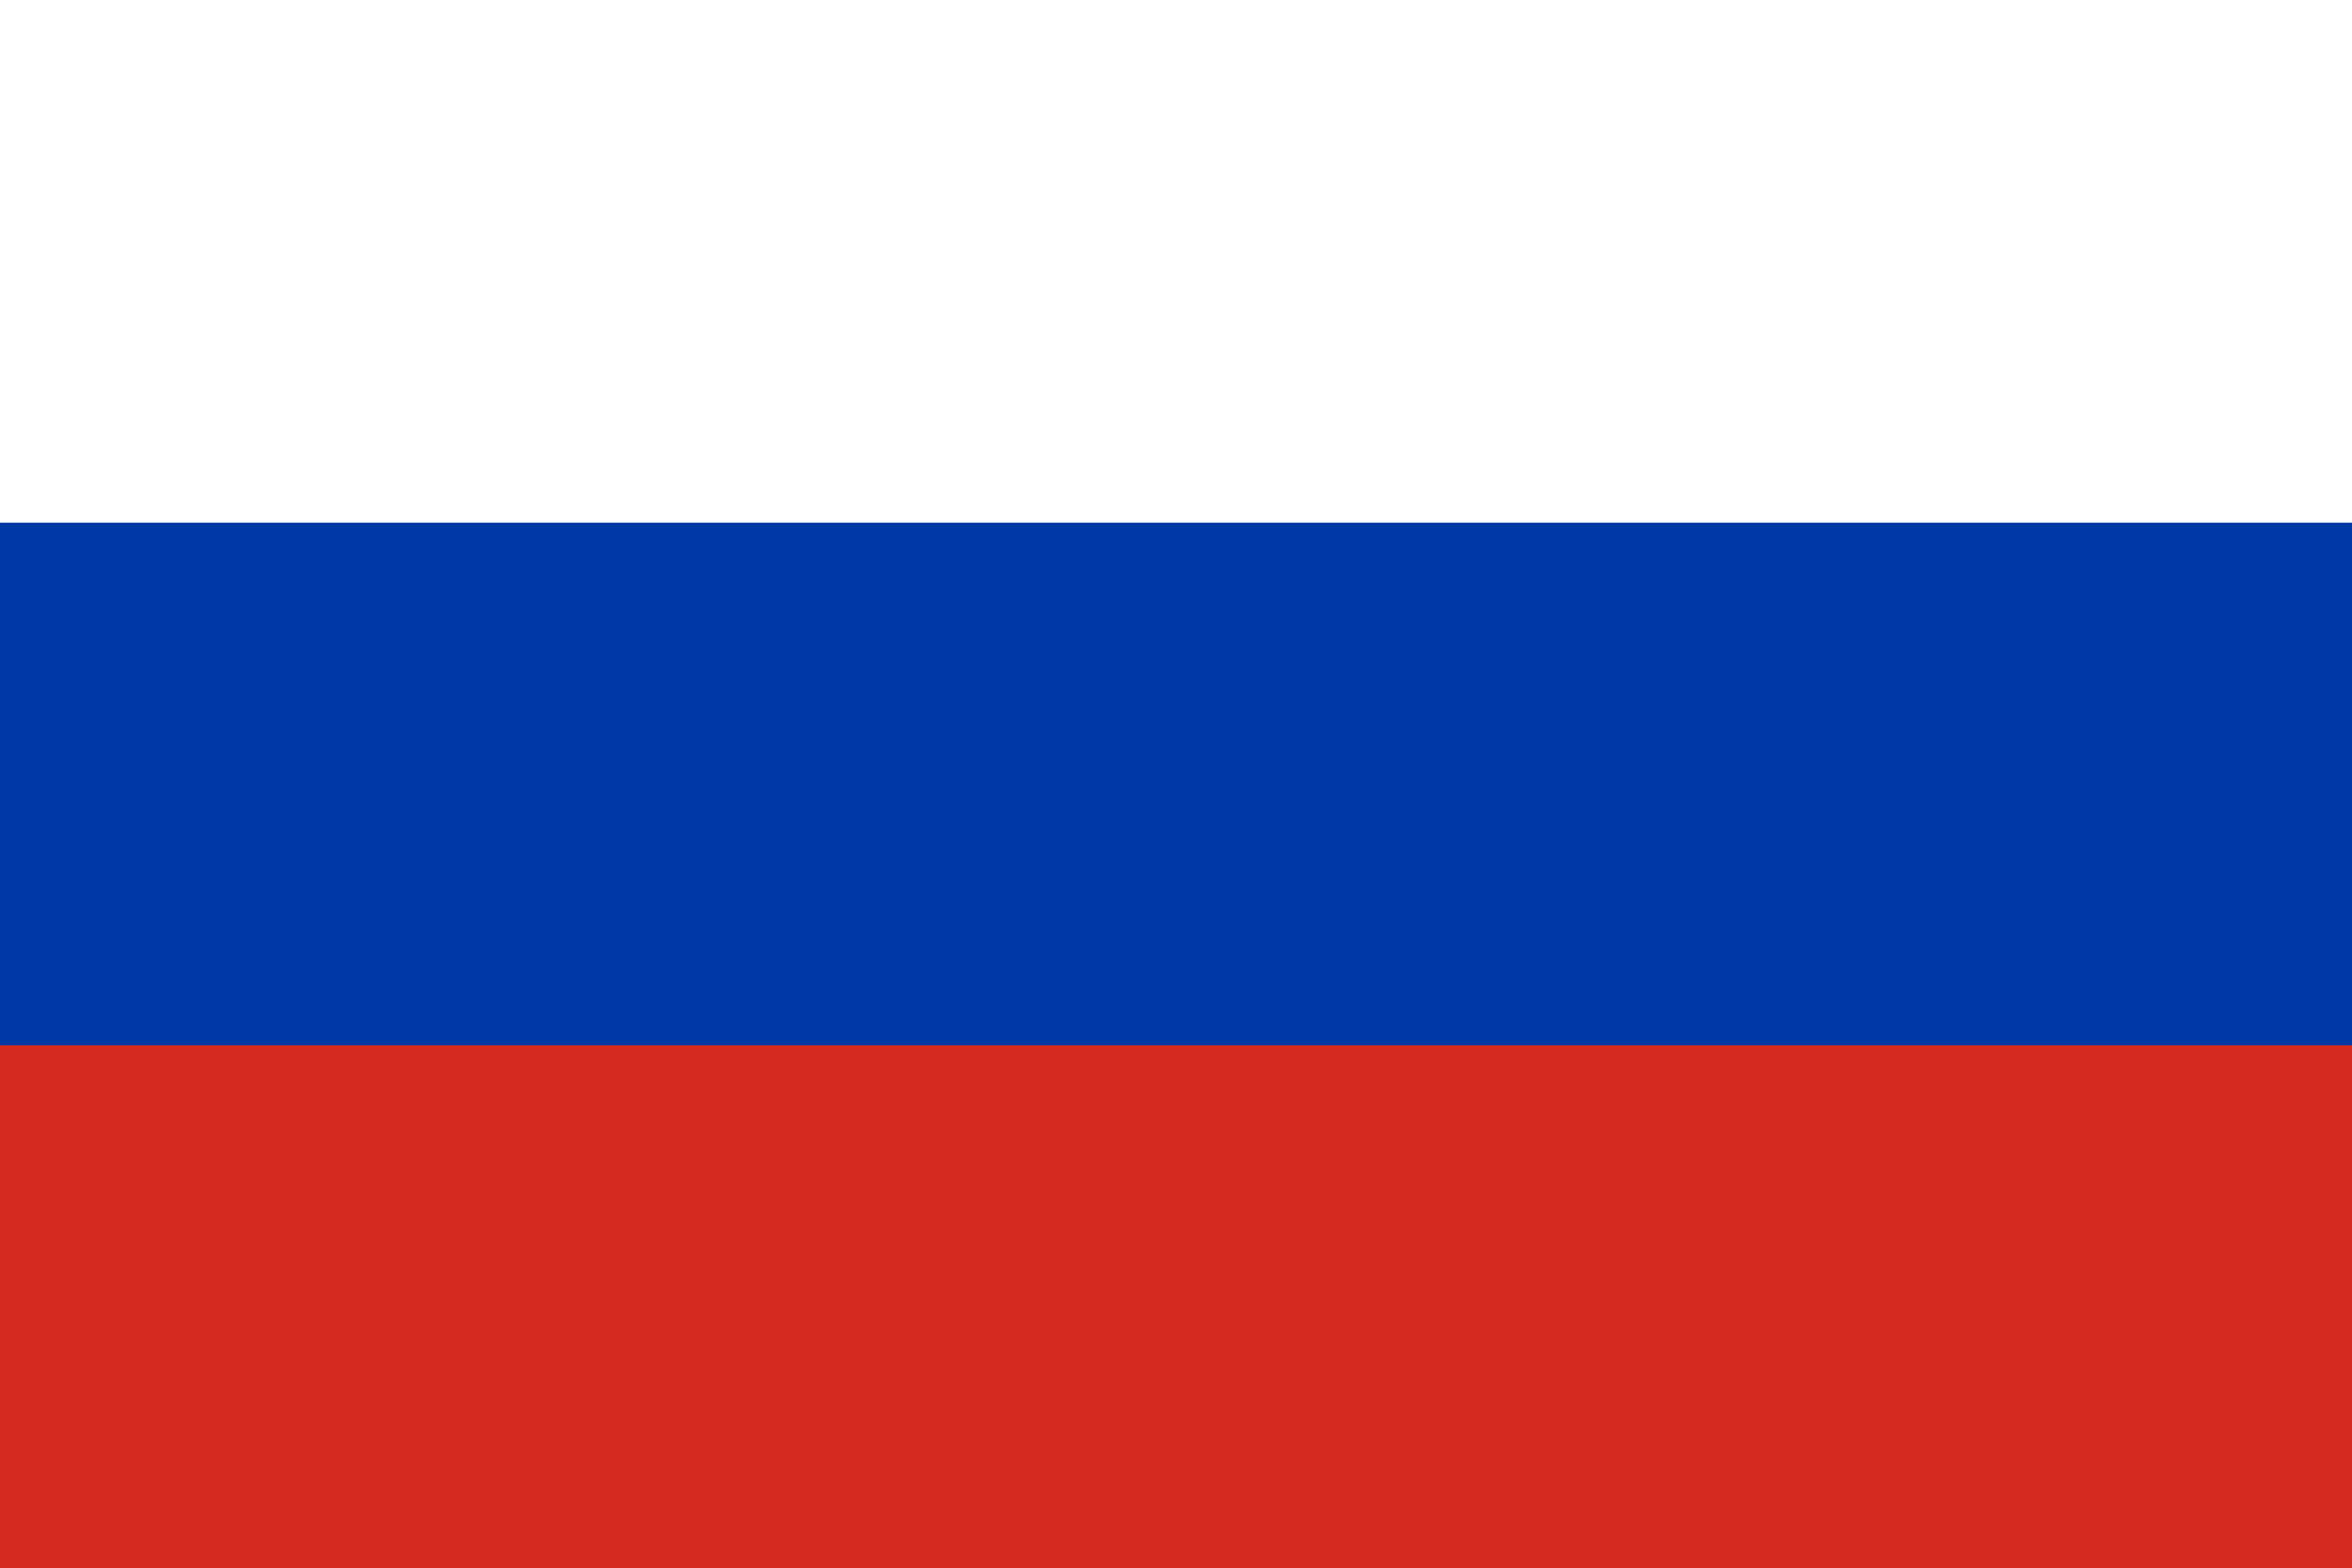 Rosja - flaga